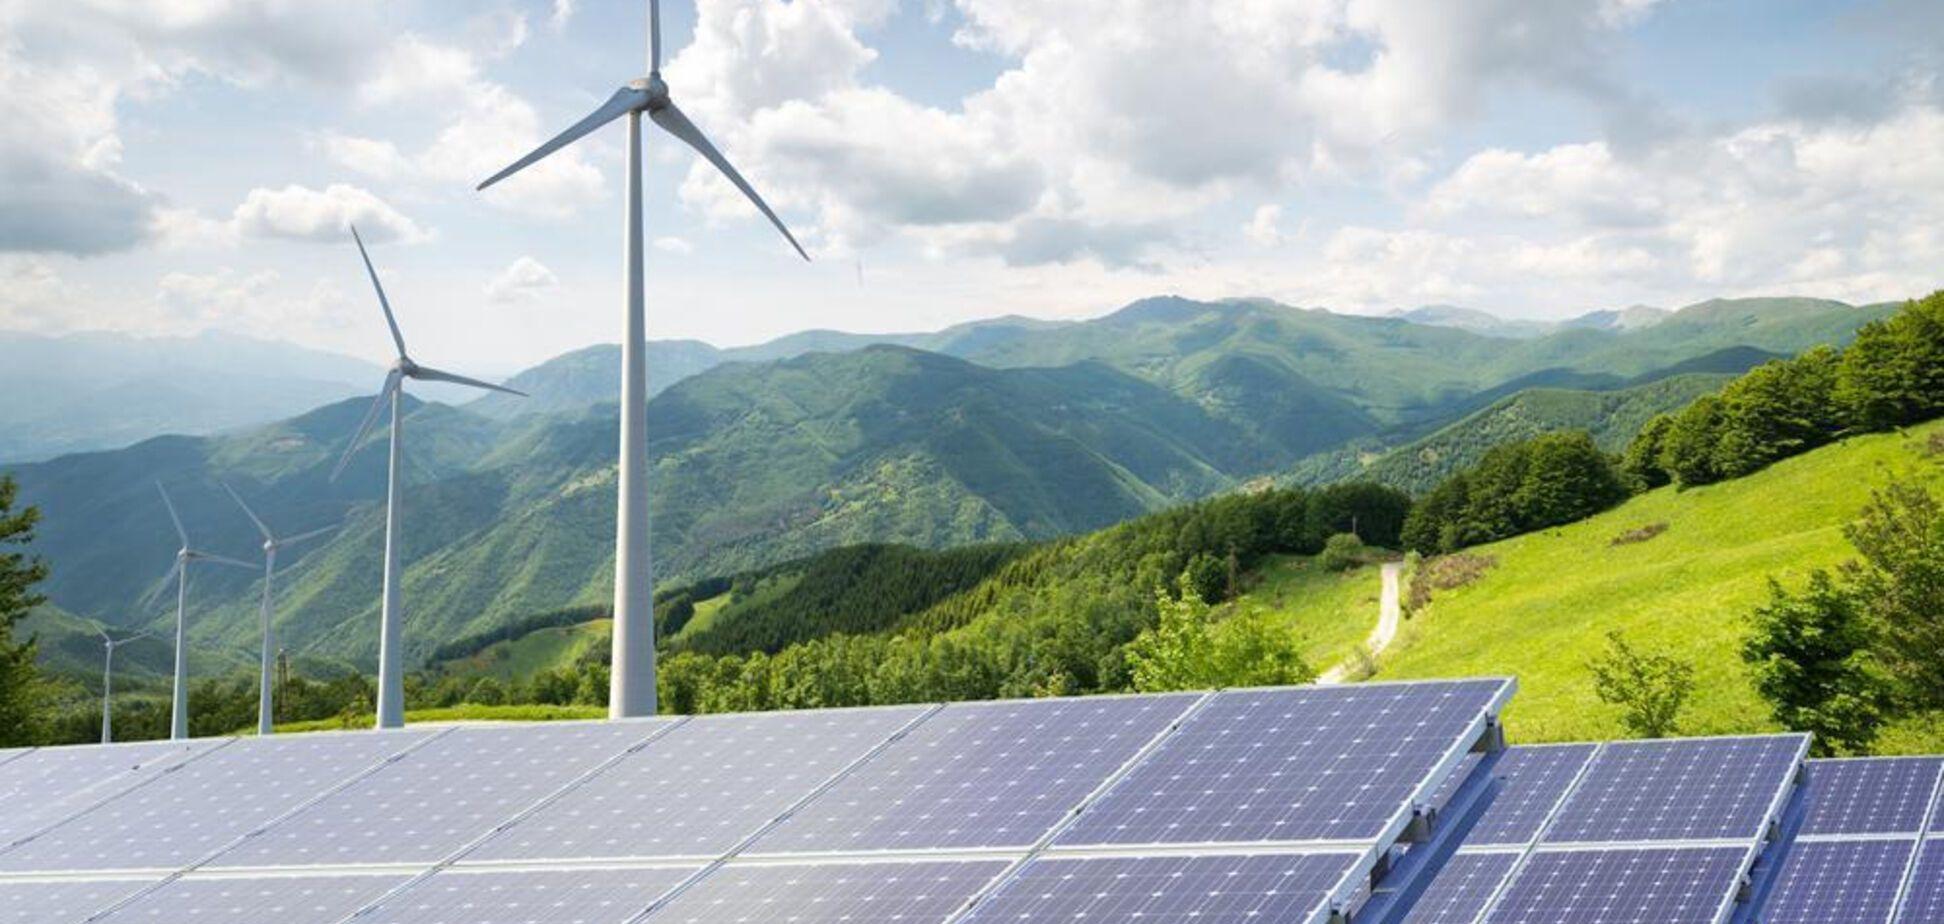 Україні спрогнозували дефіцит інвестицій через кризу в 'зеленій' енергетиці